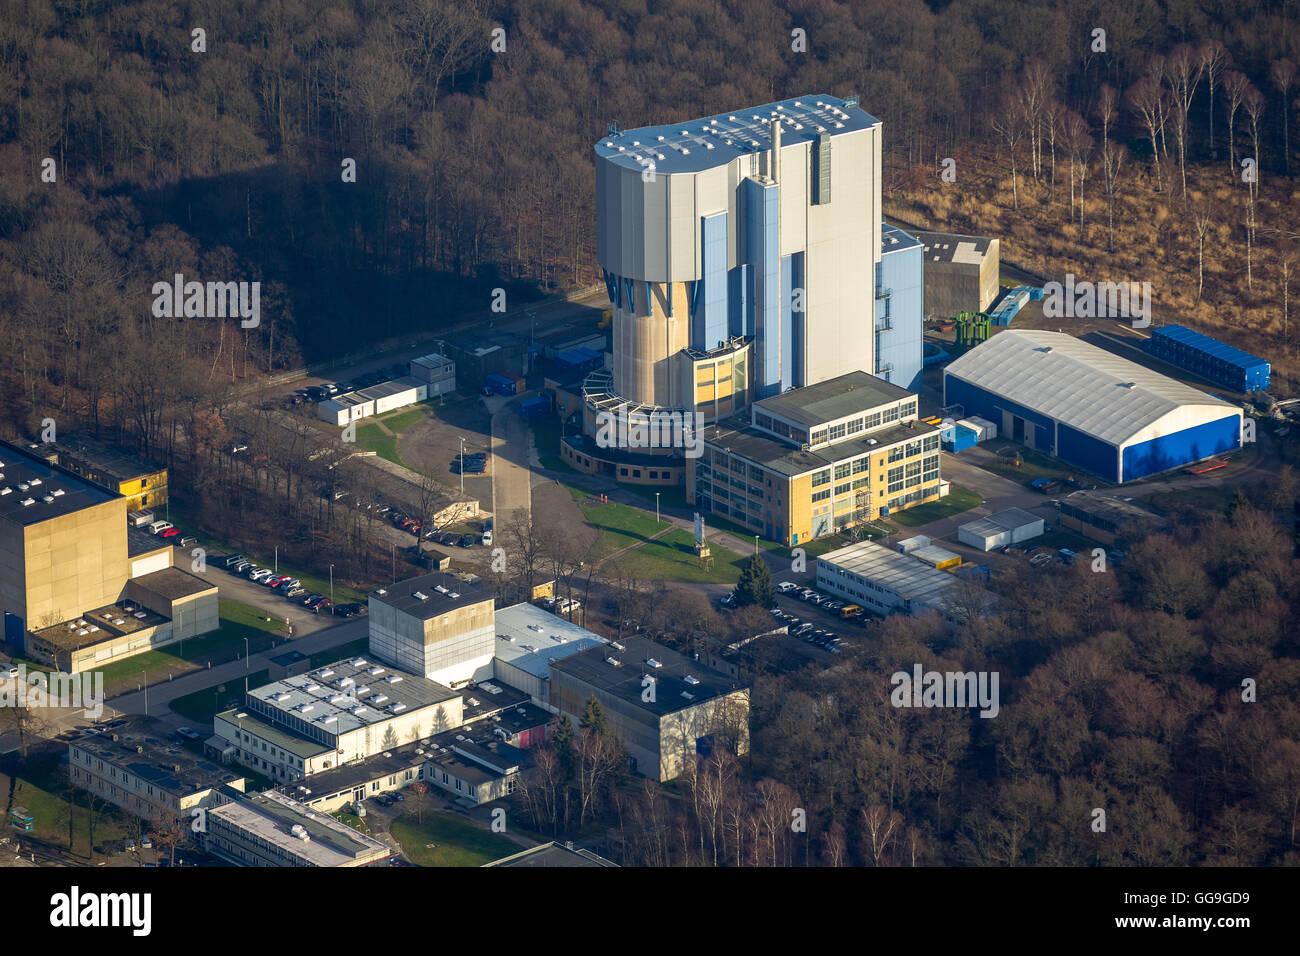 Aerial view, Nuclear Research Centre Jülich, Jülich, Jülich-Zülpicher Börde, Julich, north - Stock Image